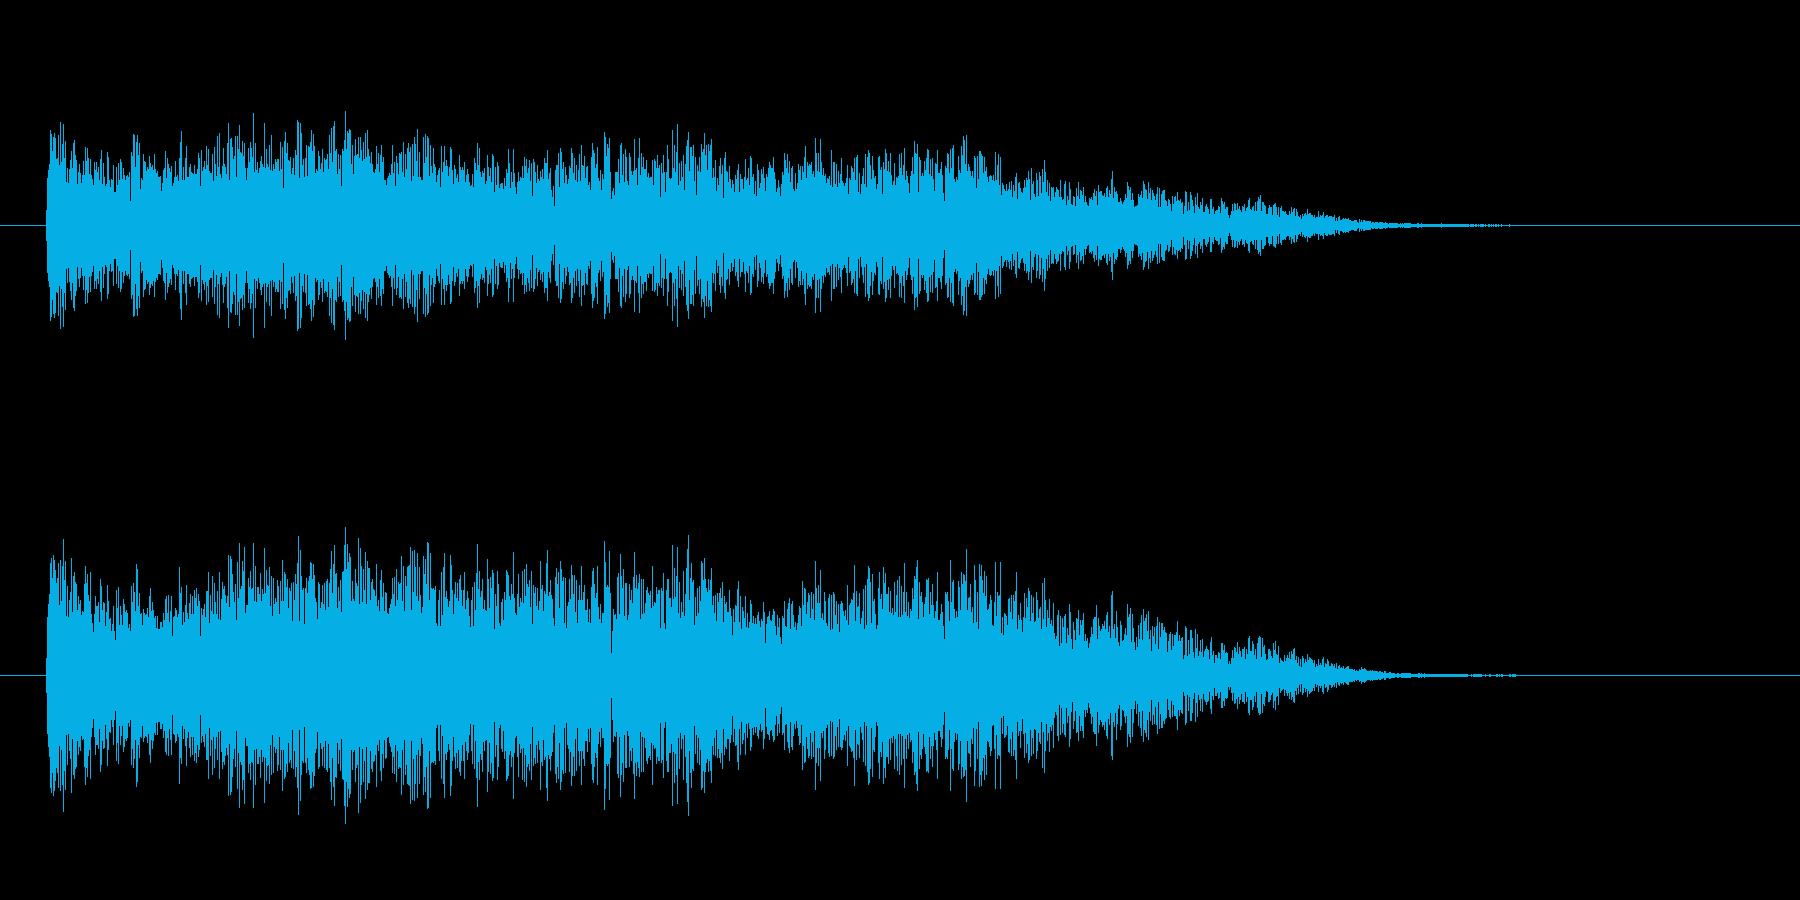 恐怖を演出する鍵盤楽器の不協和音の再生済みの波形